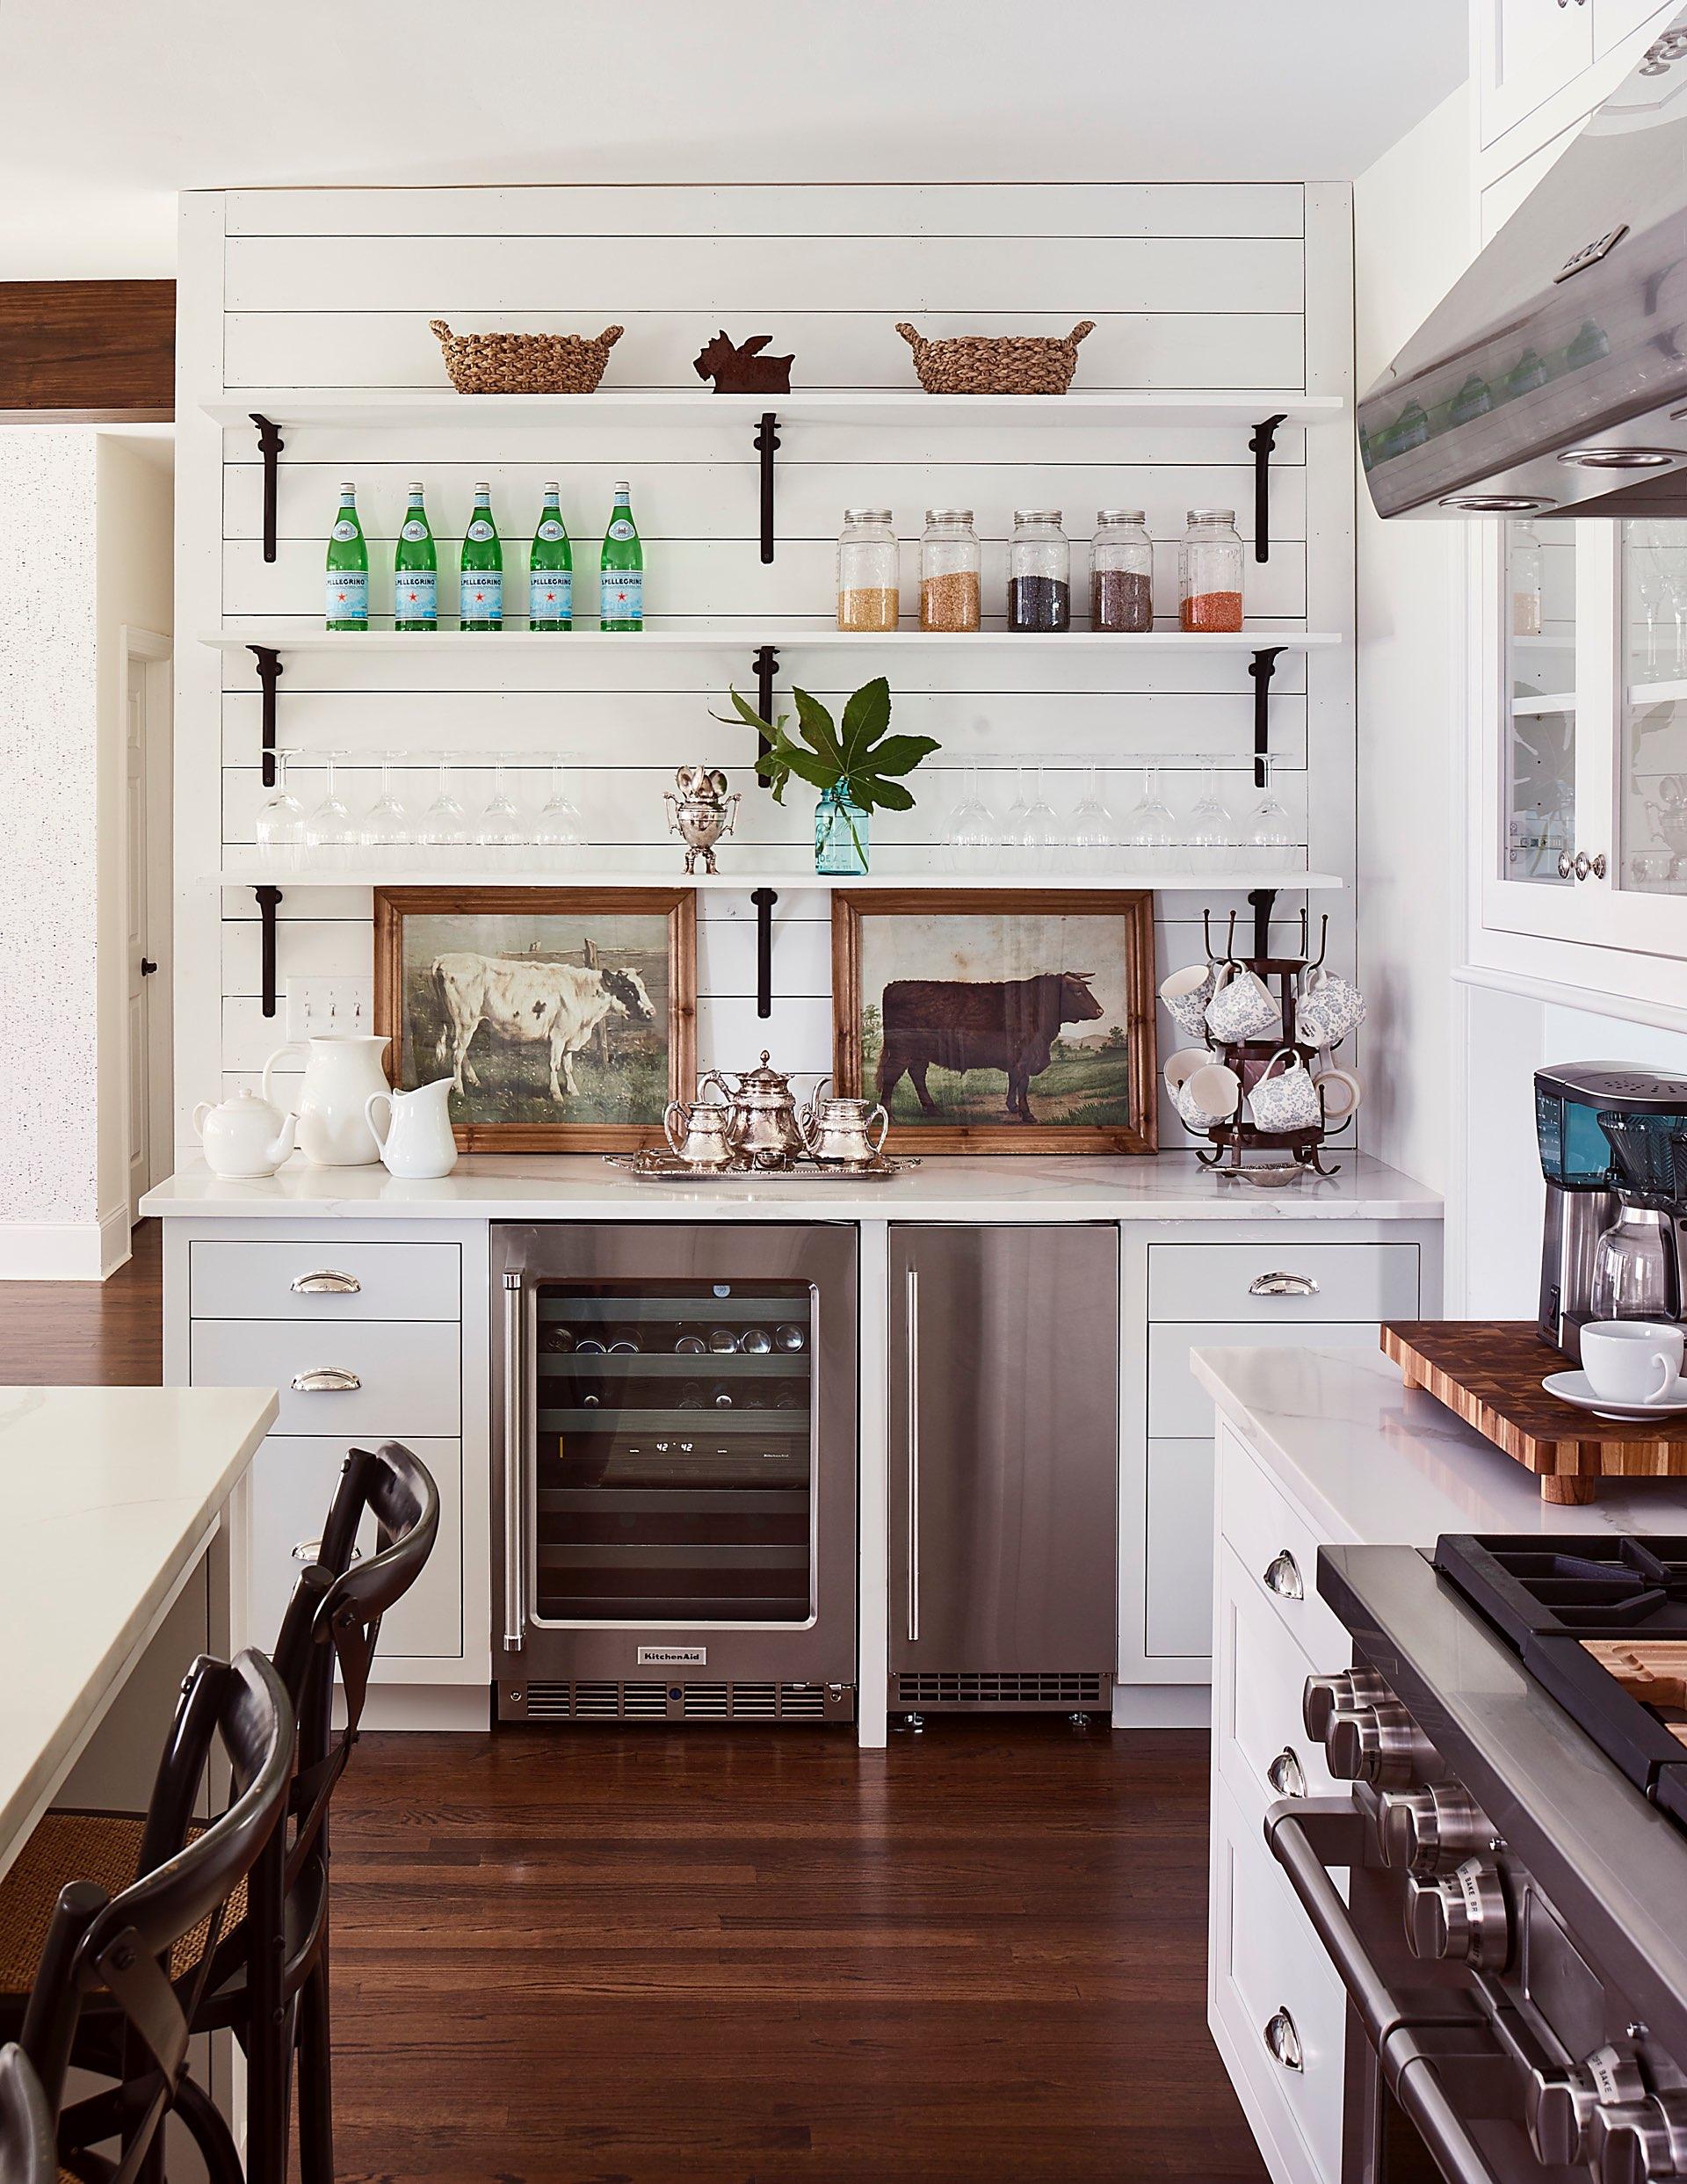 кухня полки винный шкаф посуда плита вытяжка